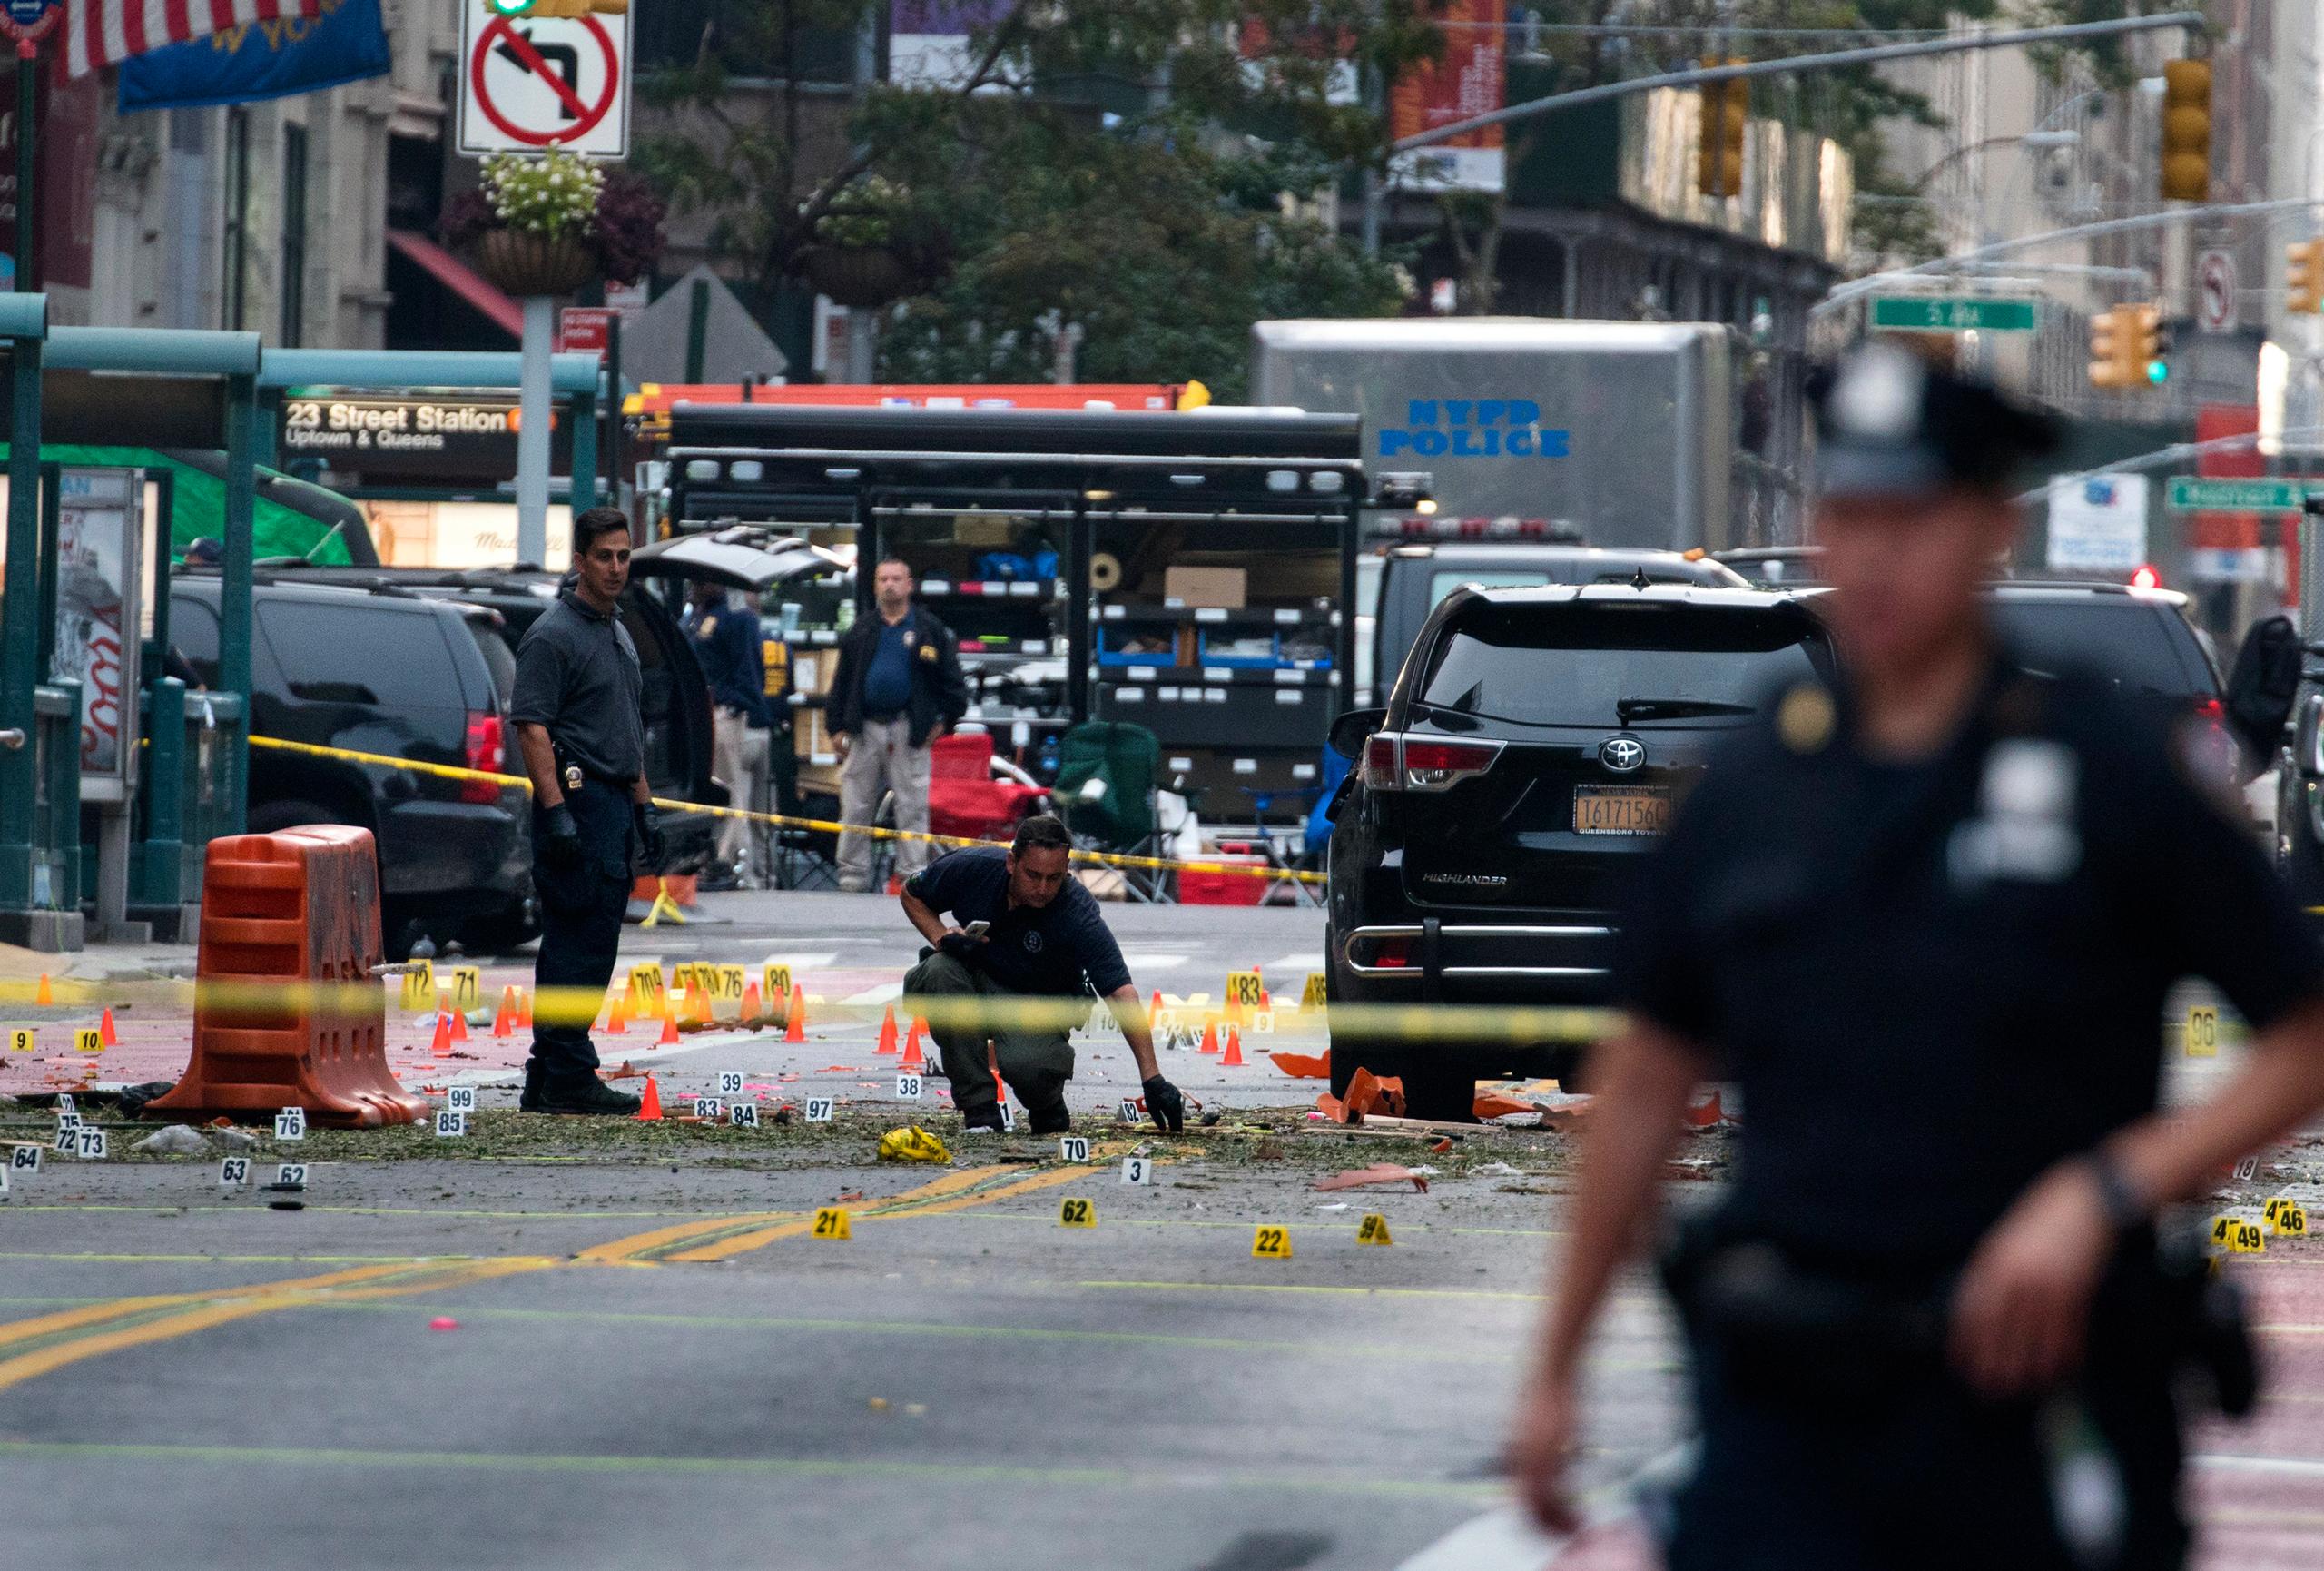 Crime scene investigators at the scene of an explosion in Manhattan's Chelsea neighborhood in New York on Sept. 18, 2016.